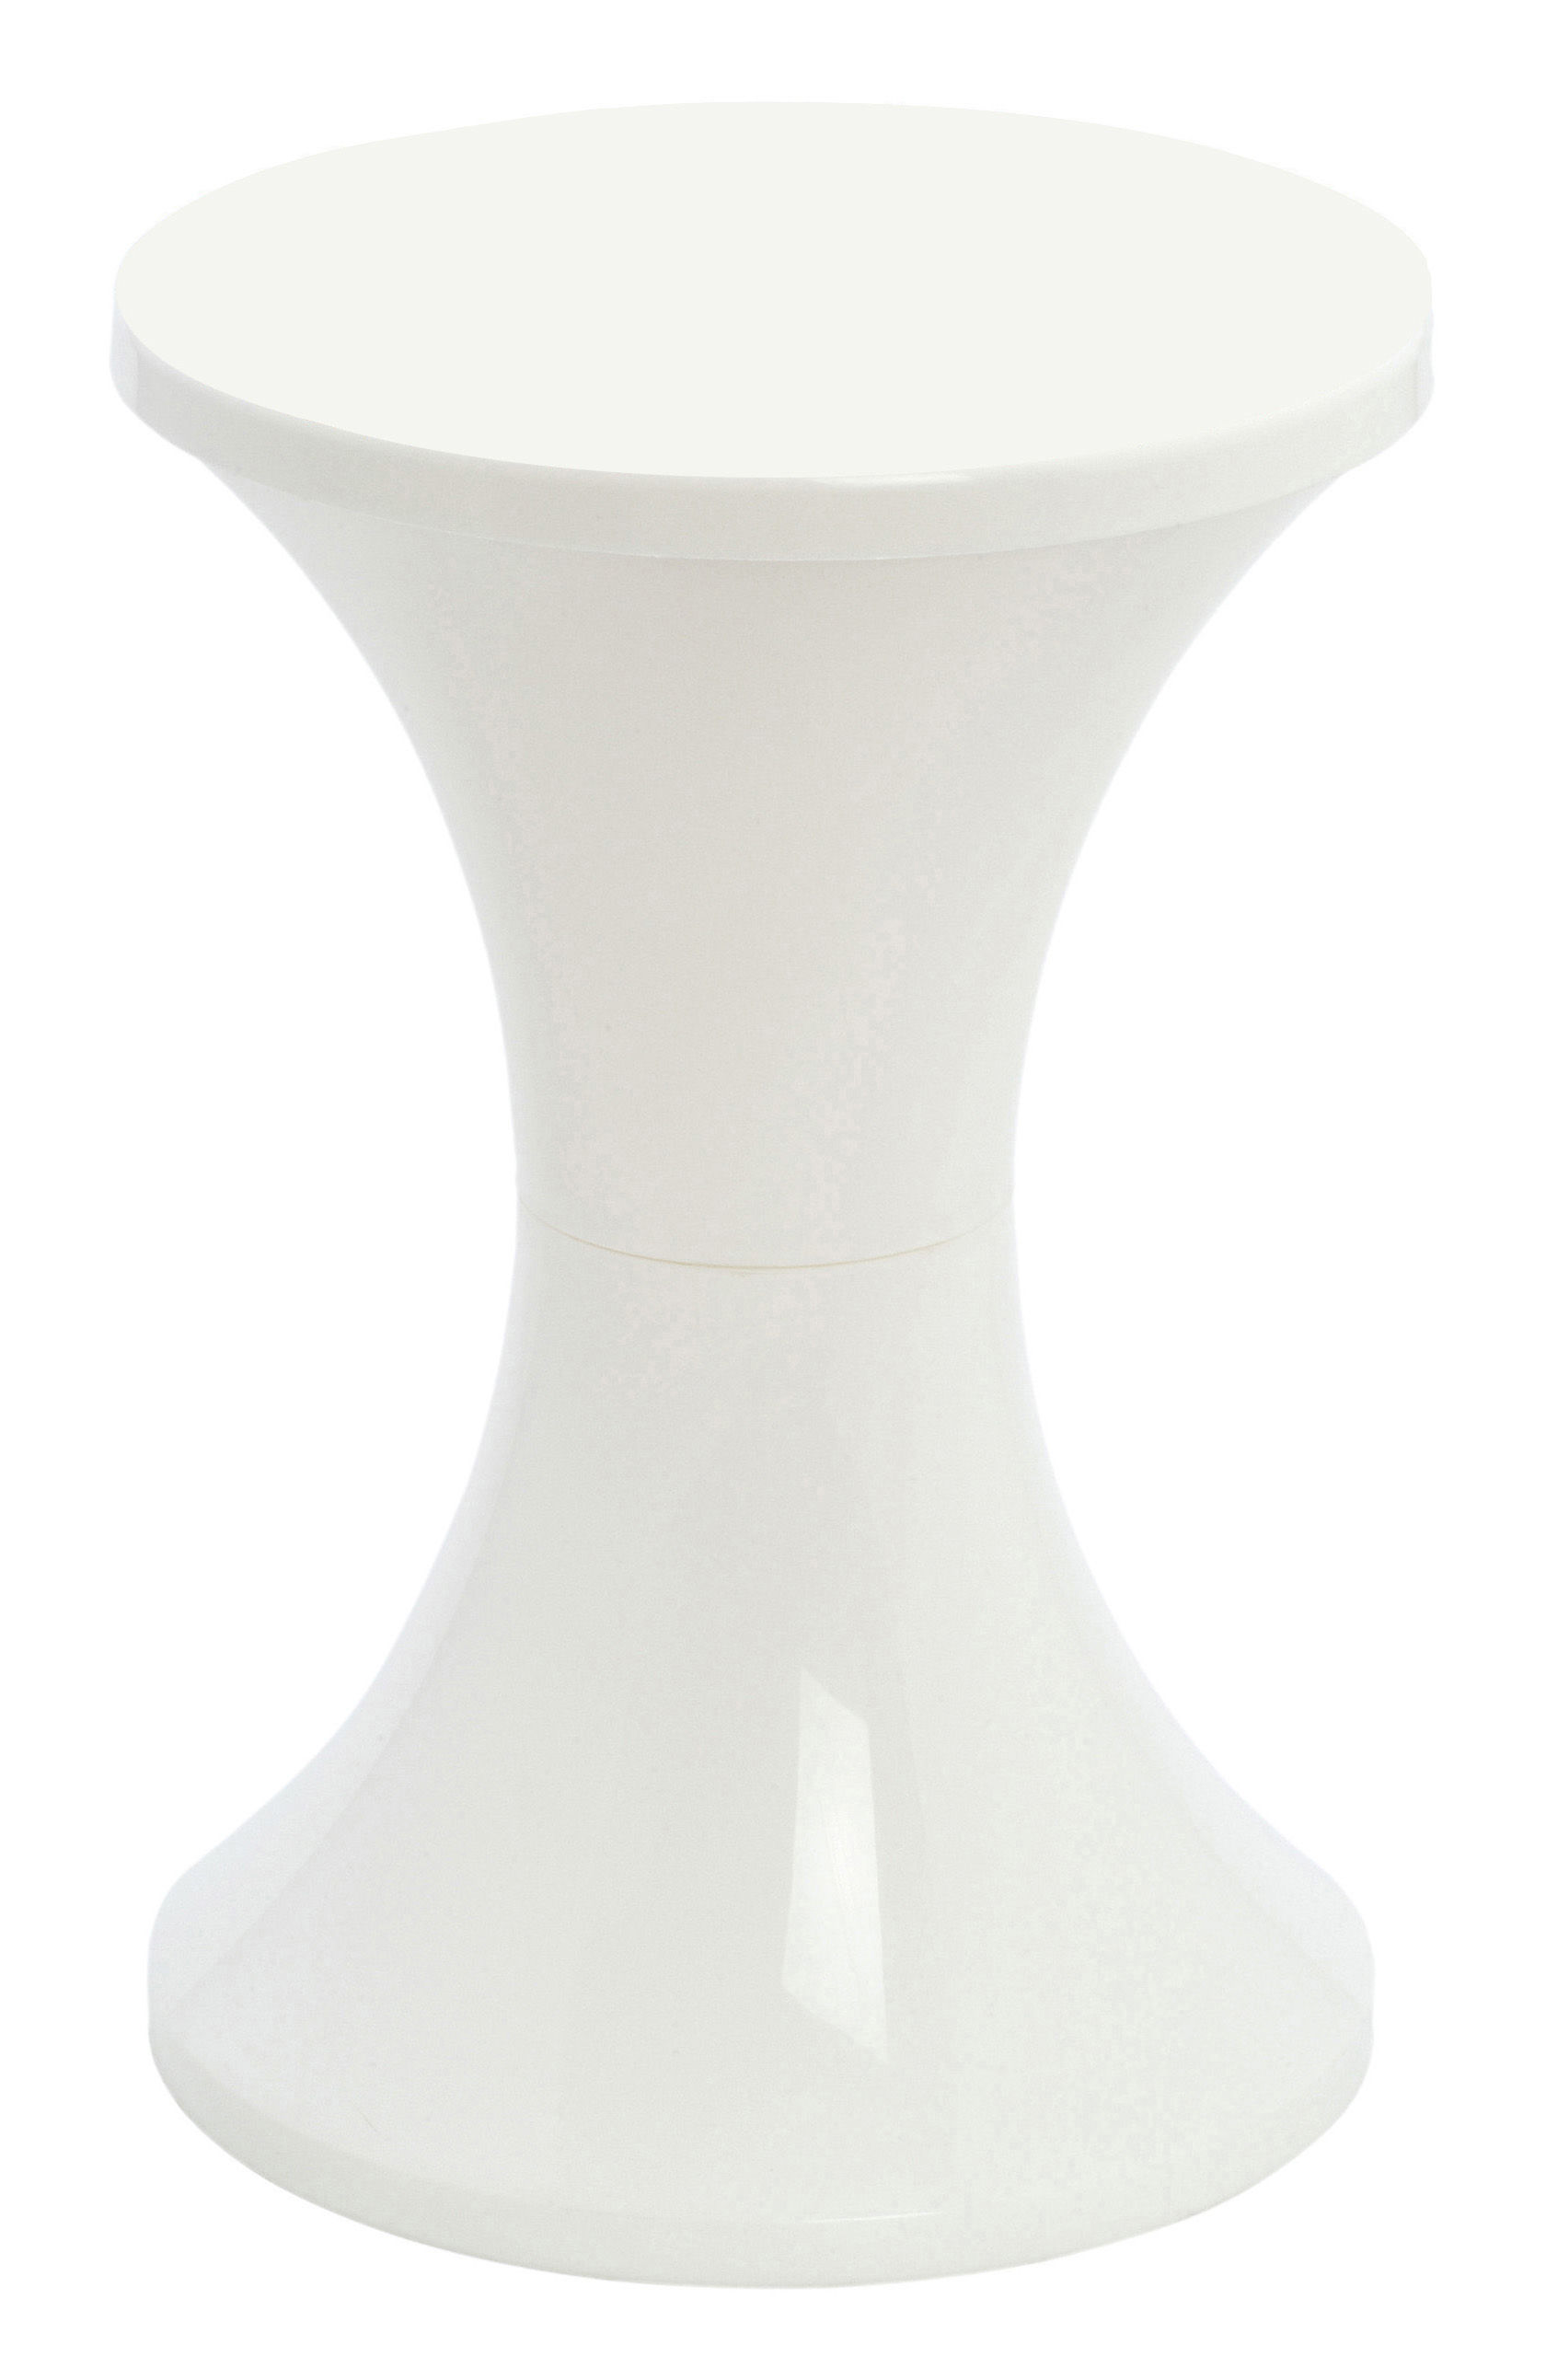 tabouret tam tam pop plastique blanc stamp edition. Black Bedroom Furniture Sets. Home Design Ideas